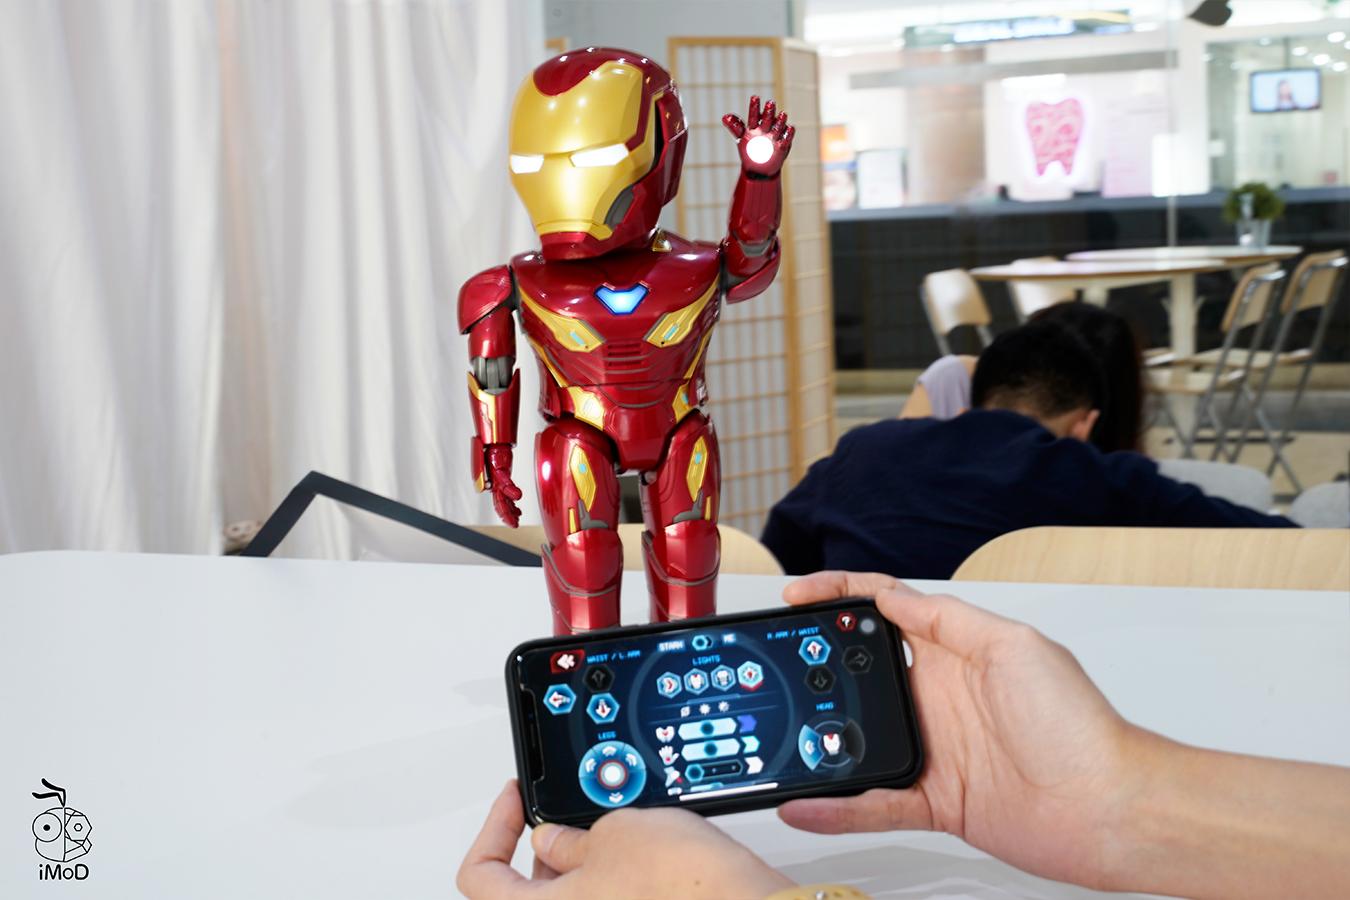 Ubtech Iron Man Mk50 Robot 14